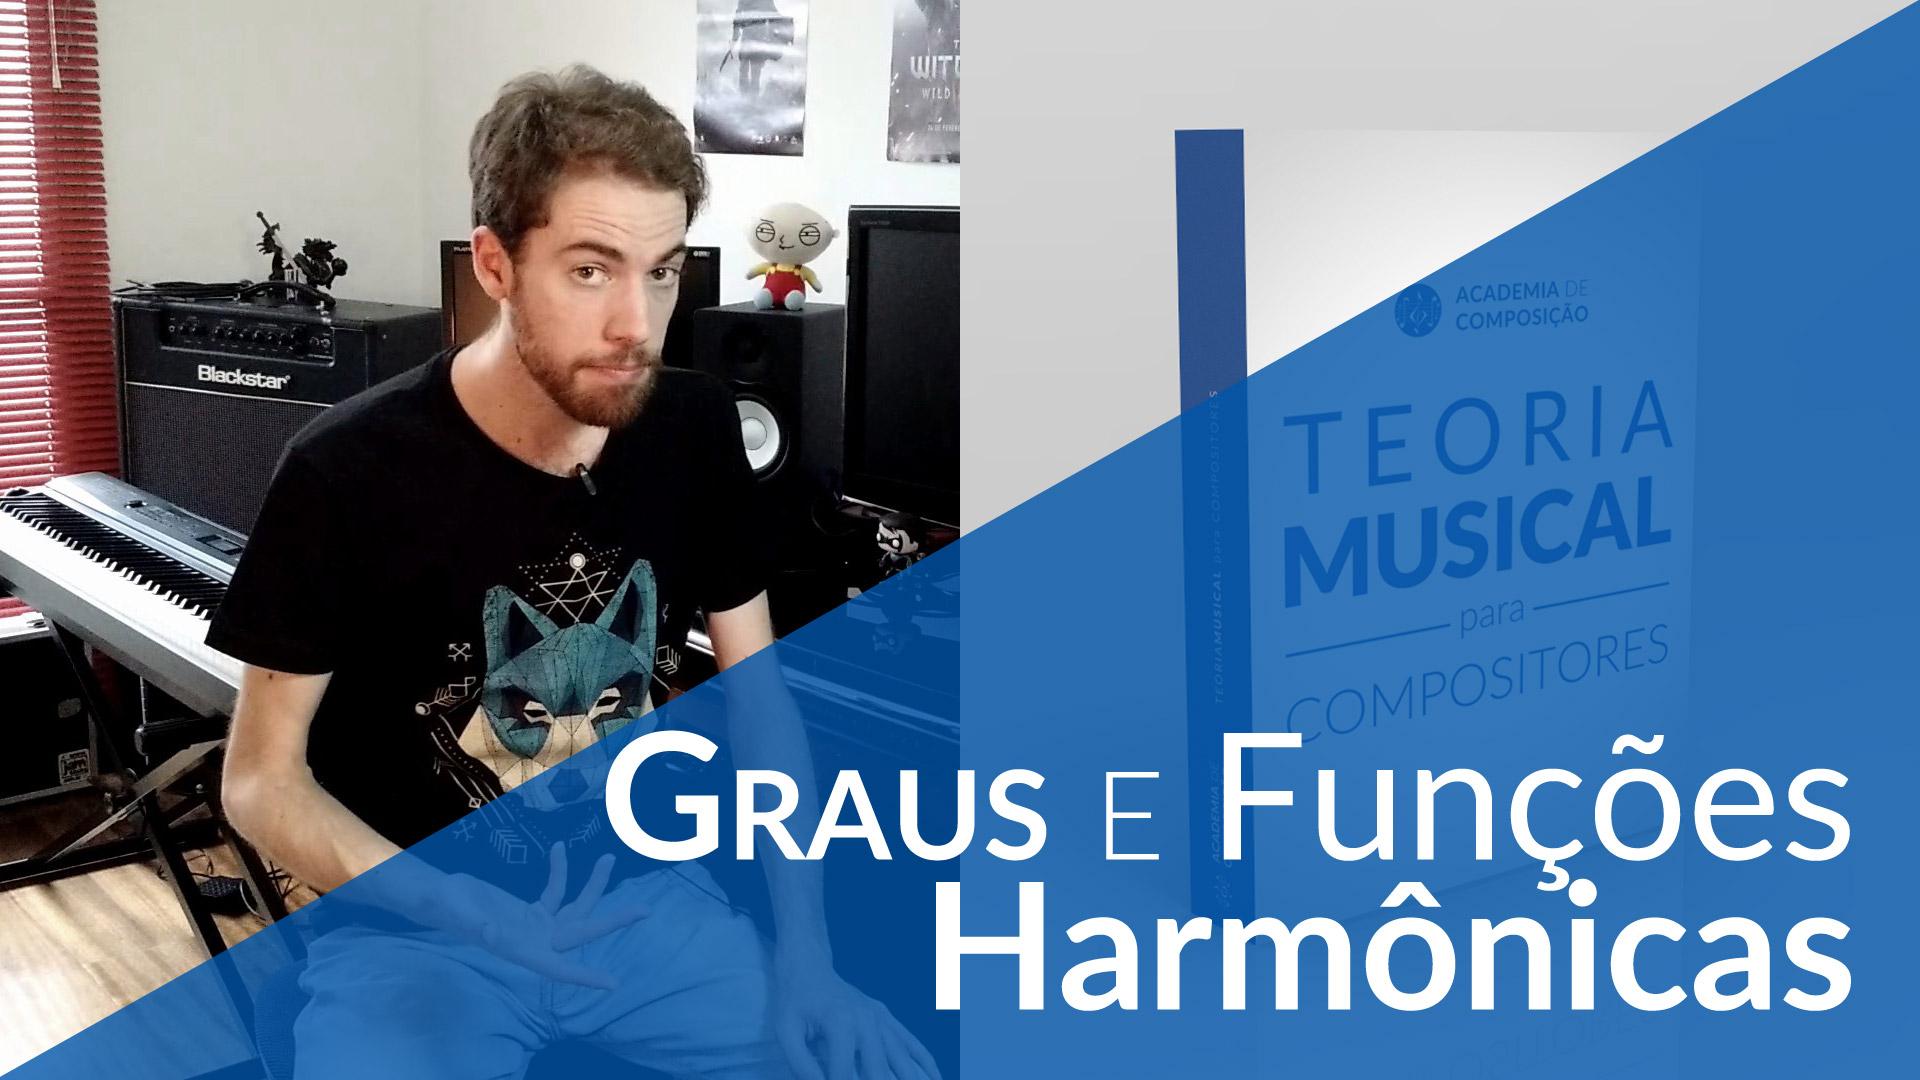 Graus e funções harmônicas